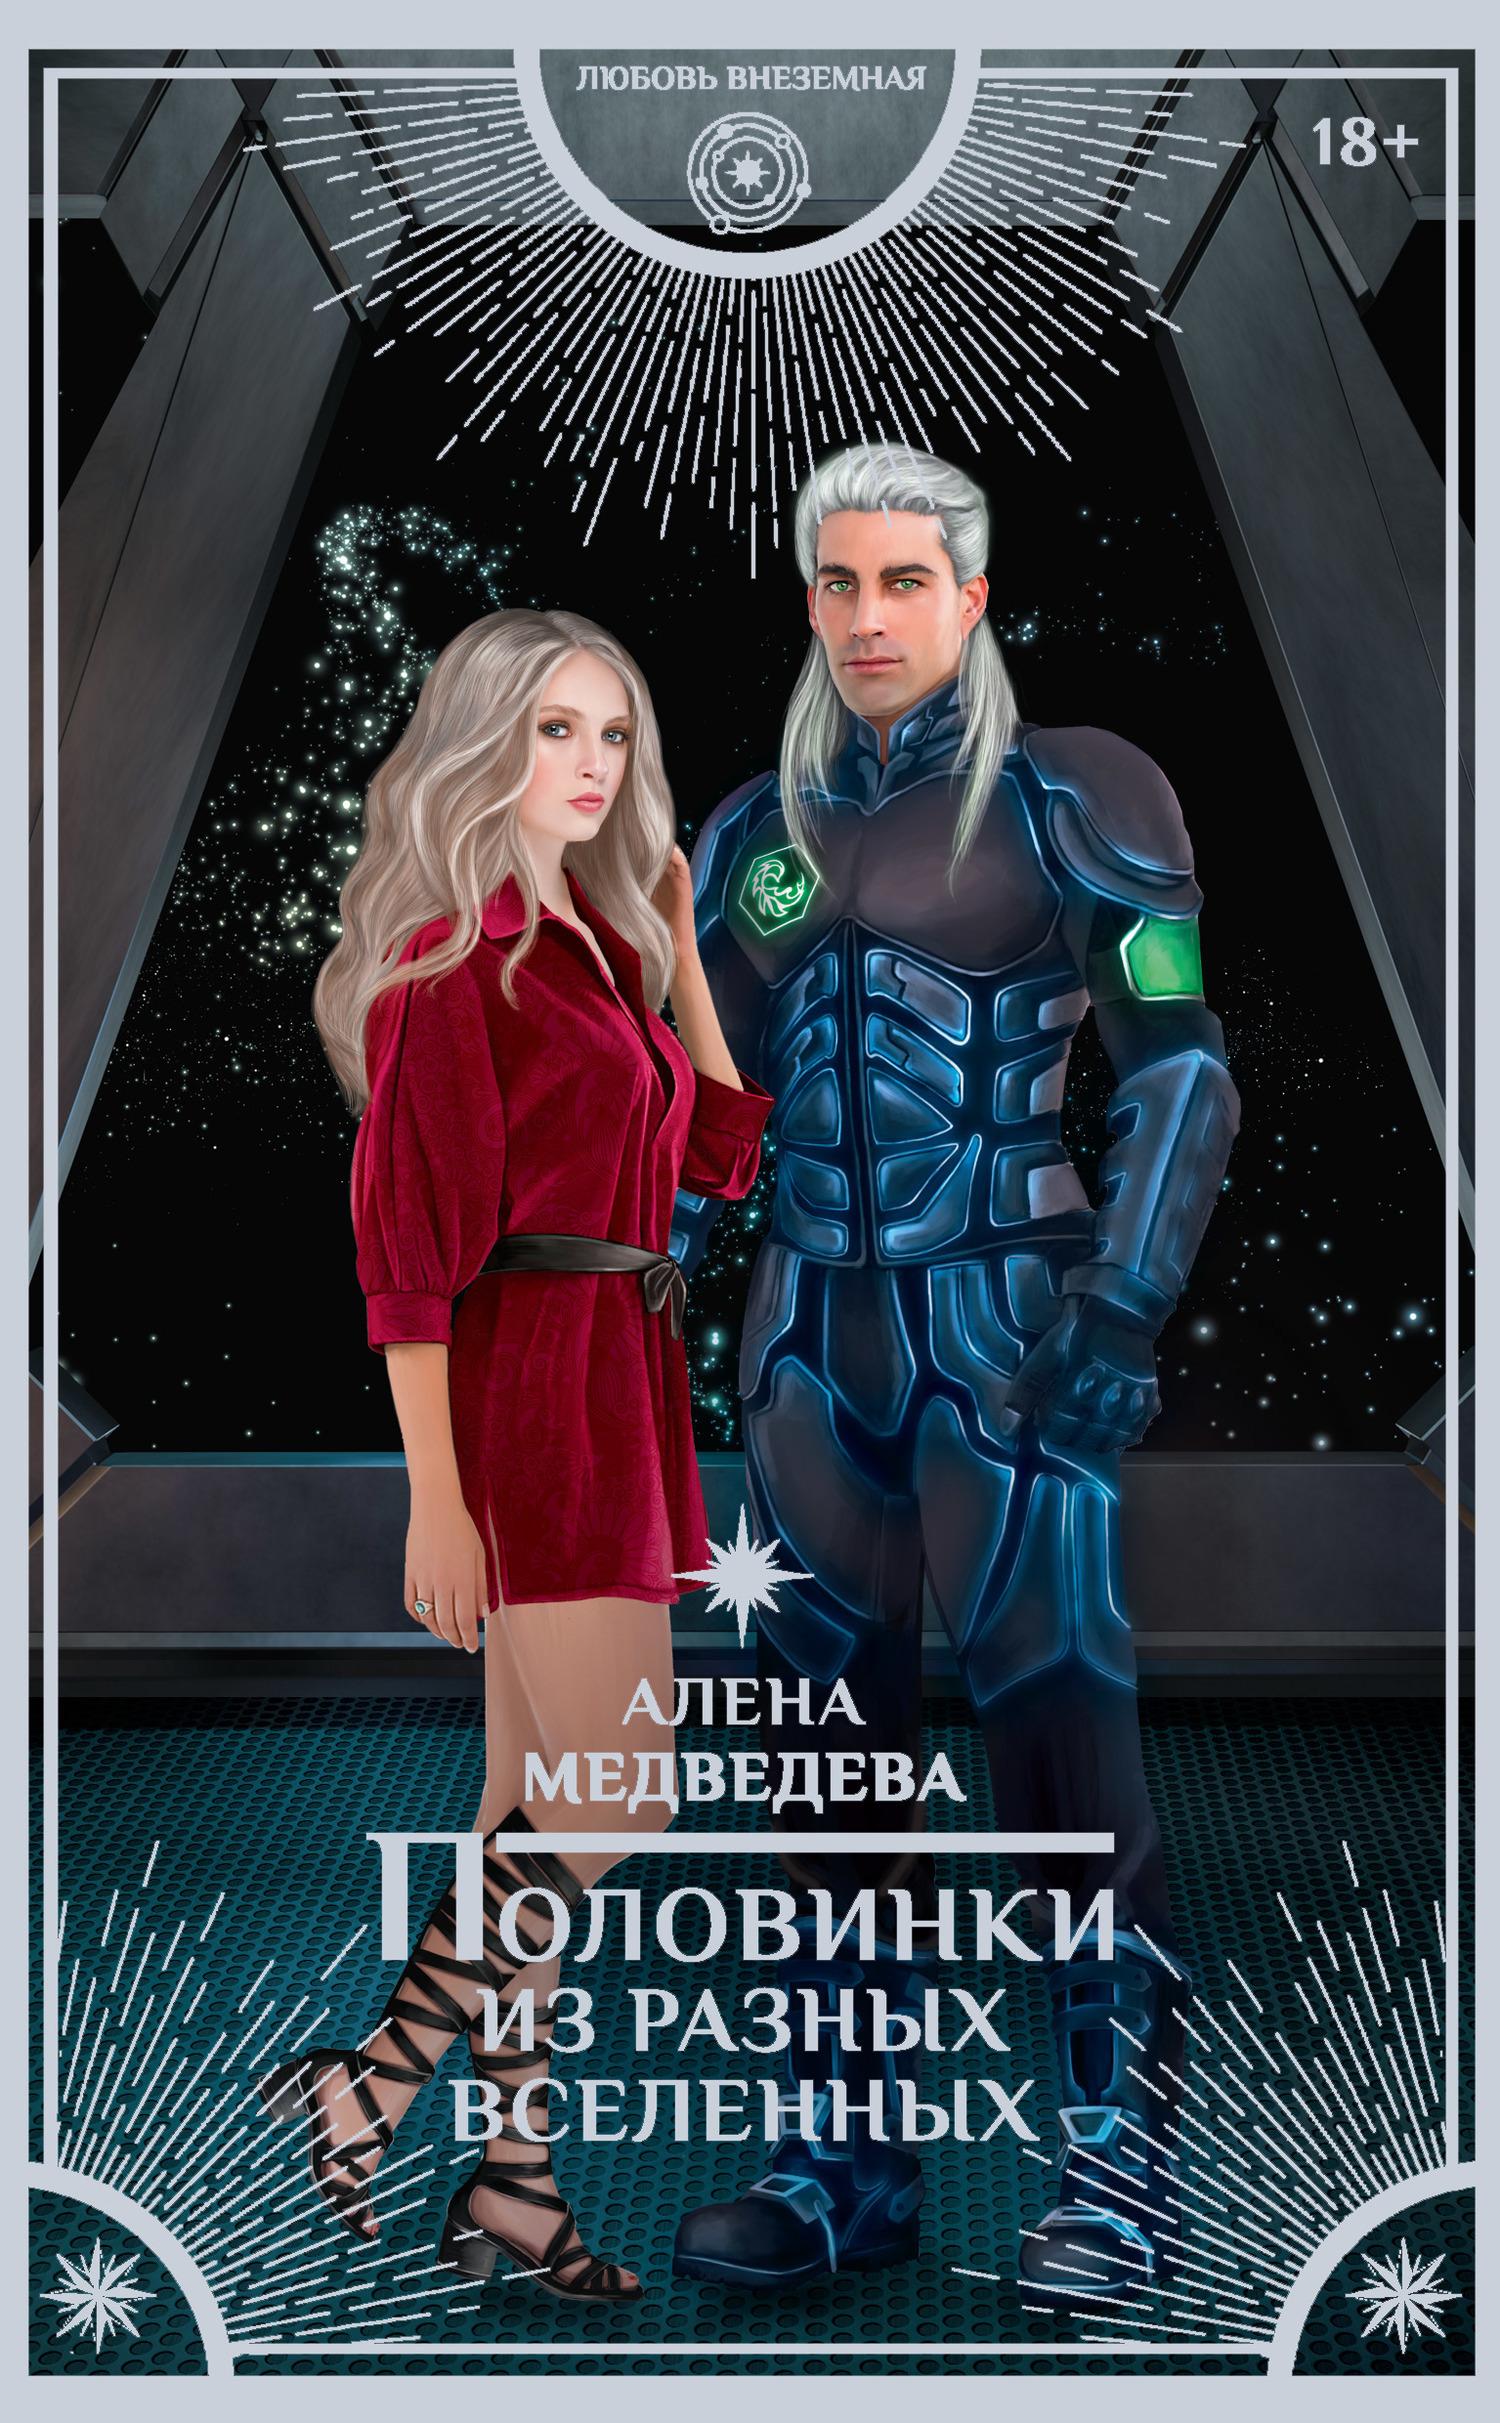 Обложка книги Половинки из разных вселенных, автор Алёна Медведева